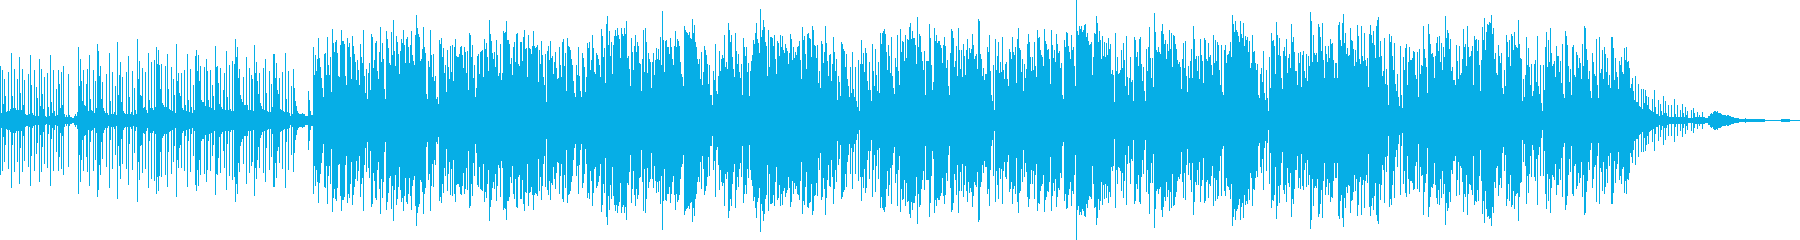 動画 センチメンタル 感情的 説明...の再生済みの波形